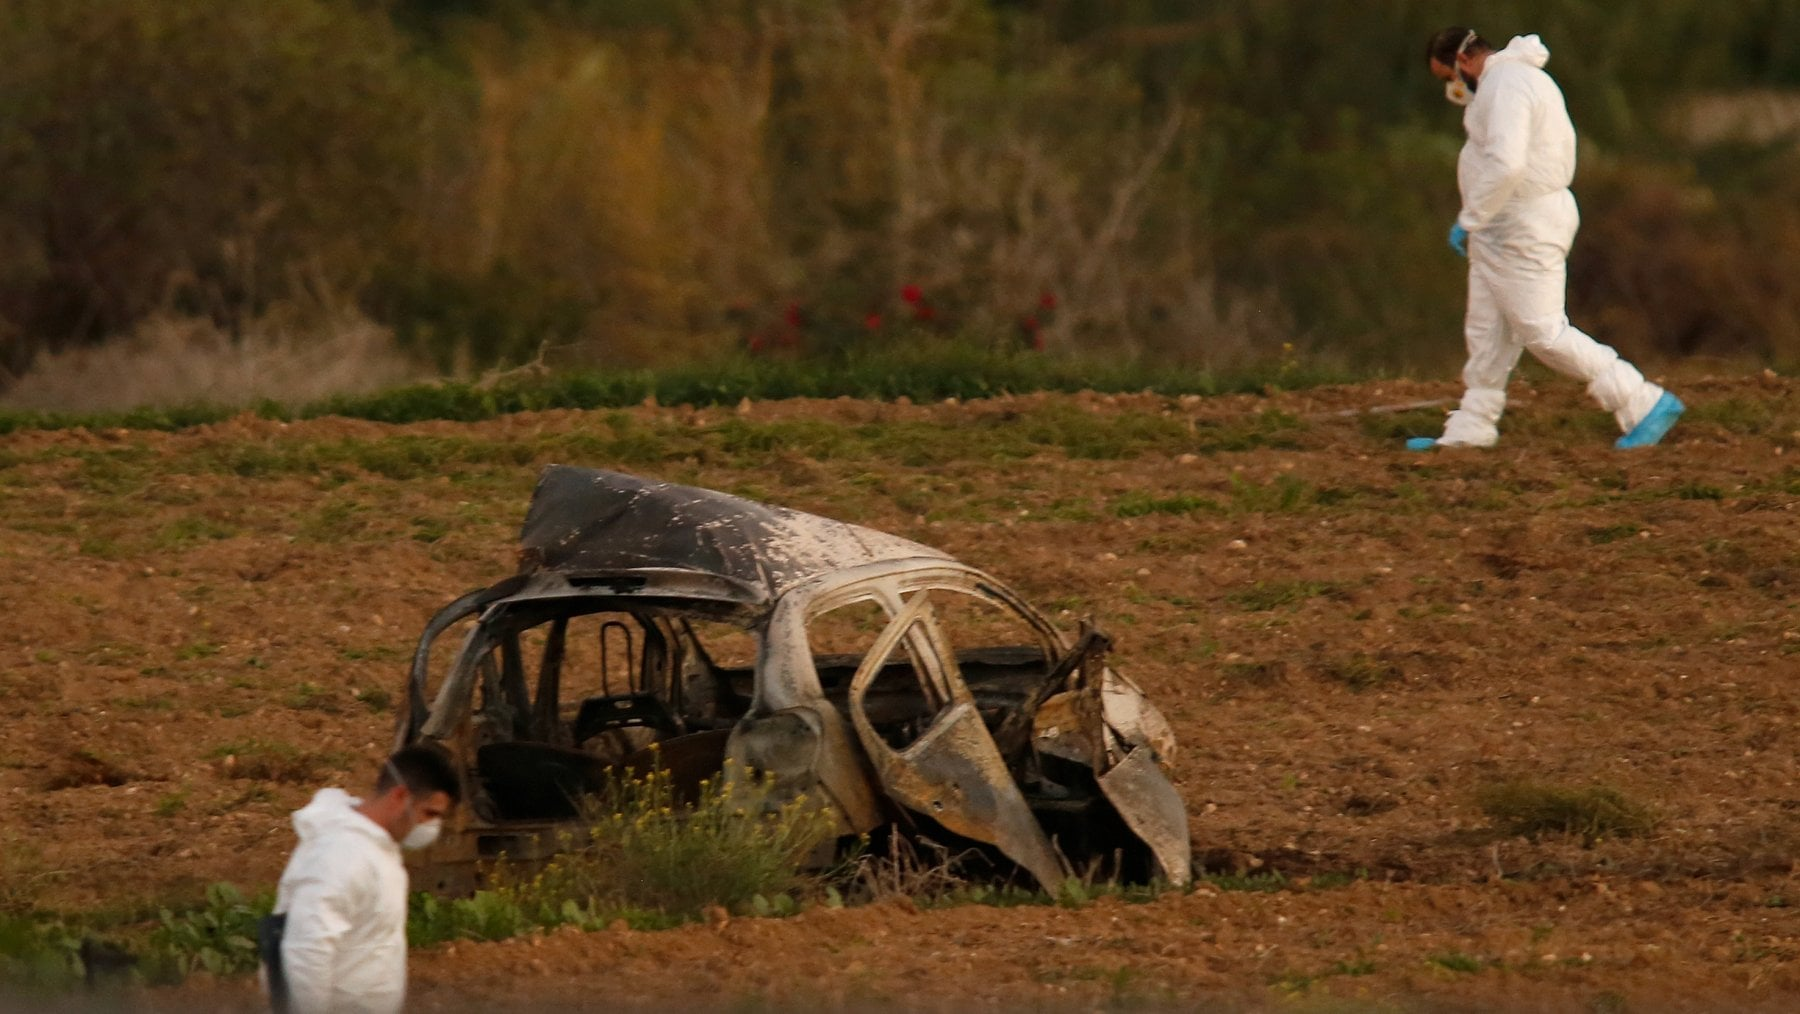 225557560 6be7348b ff4e 4785 8314 872ef5ecb0e7 - Malta, tre anni fa l'uccisione di Daphne Caruana Galizia: un omicidio politico